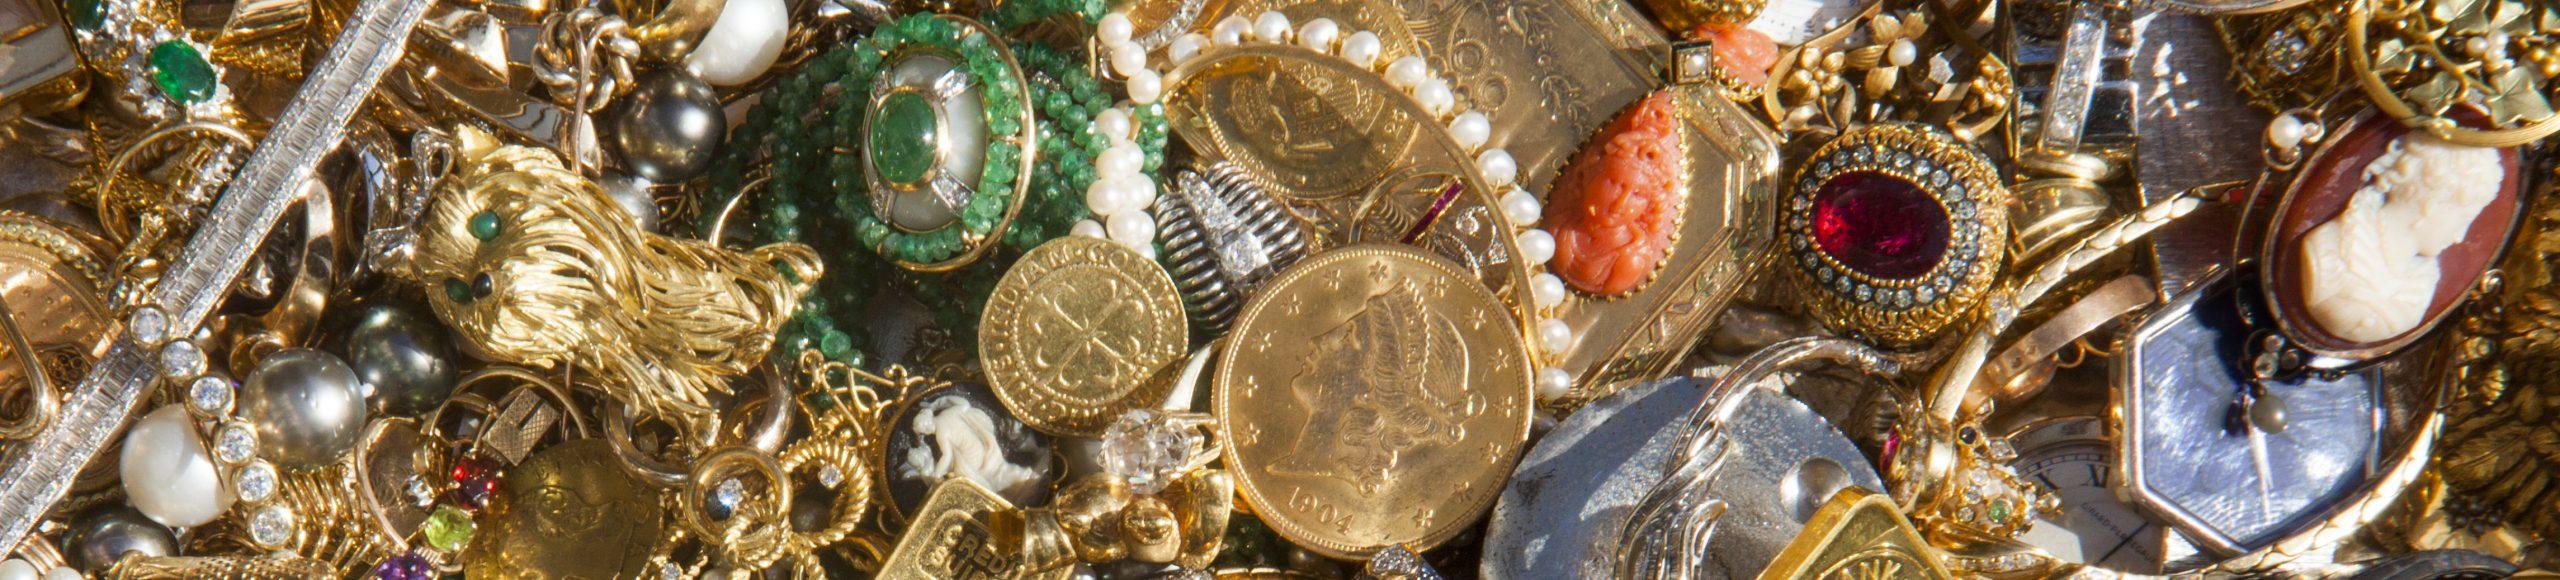 rachat bijoux Paris